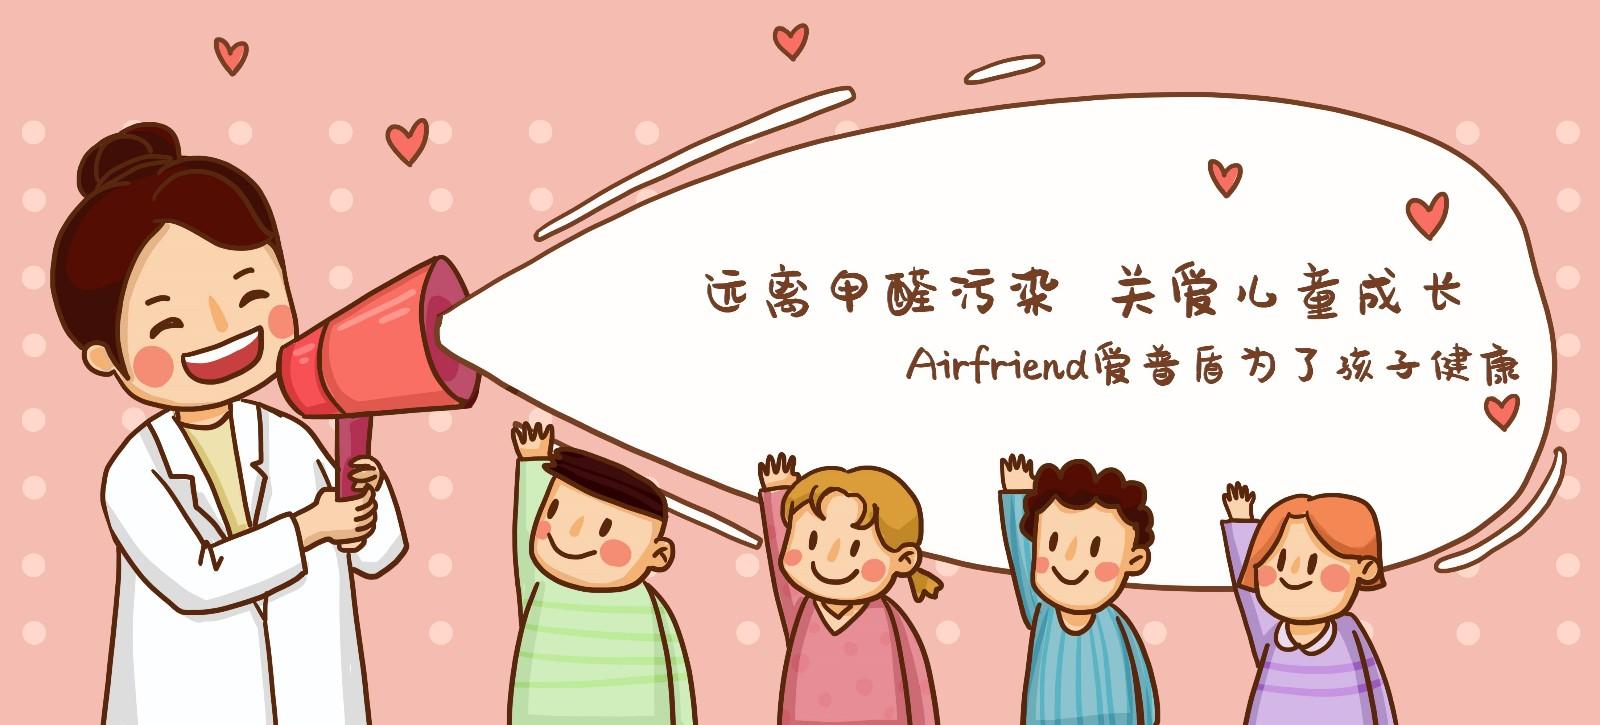 摄图网_400140291_儿童疫苗宣传(企业商用).jpg